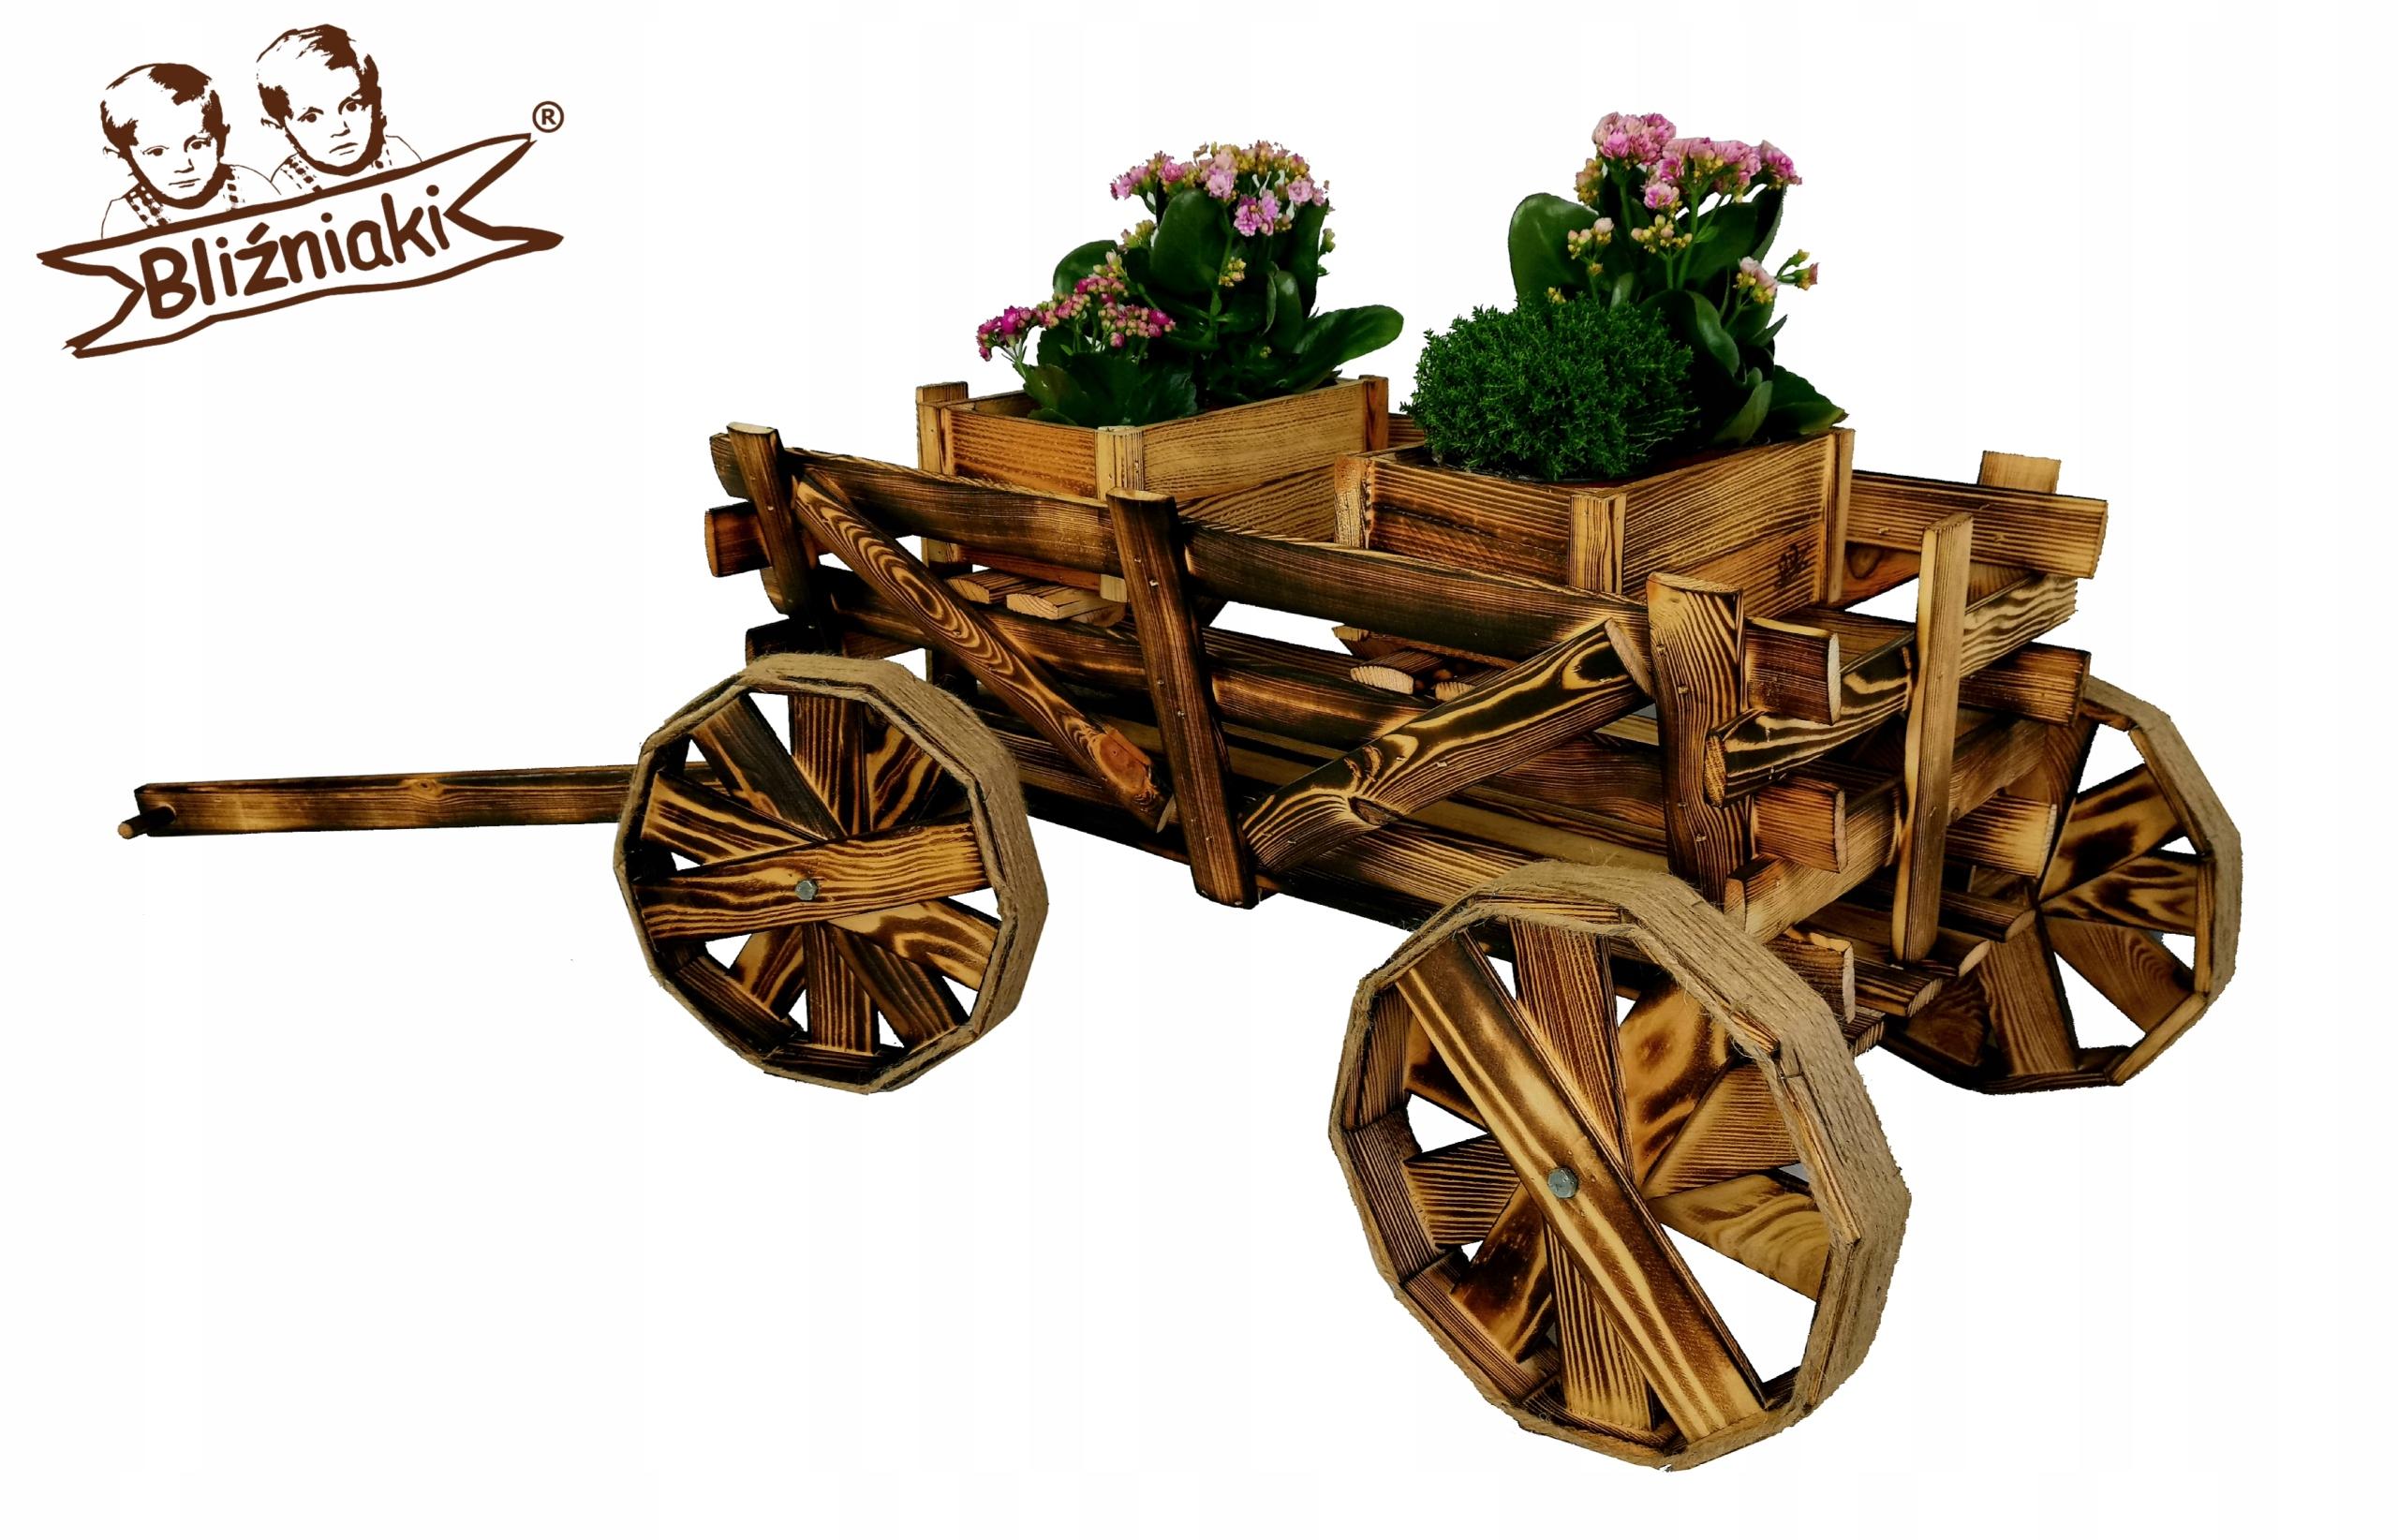 Dekoratívne drevené VOZEŇ DRABINIASTY Flowerbed Sadenie